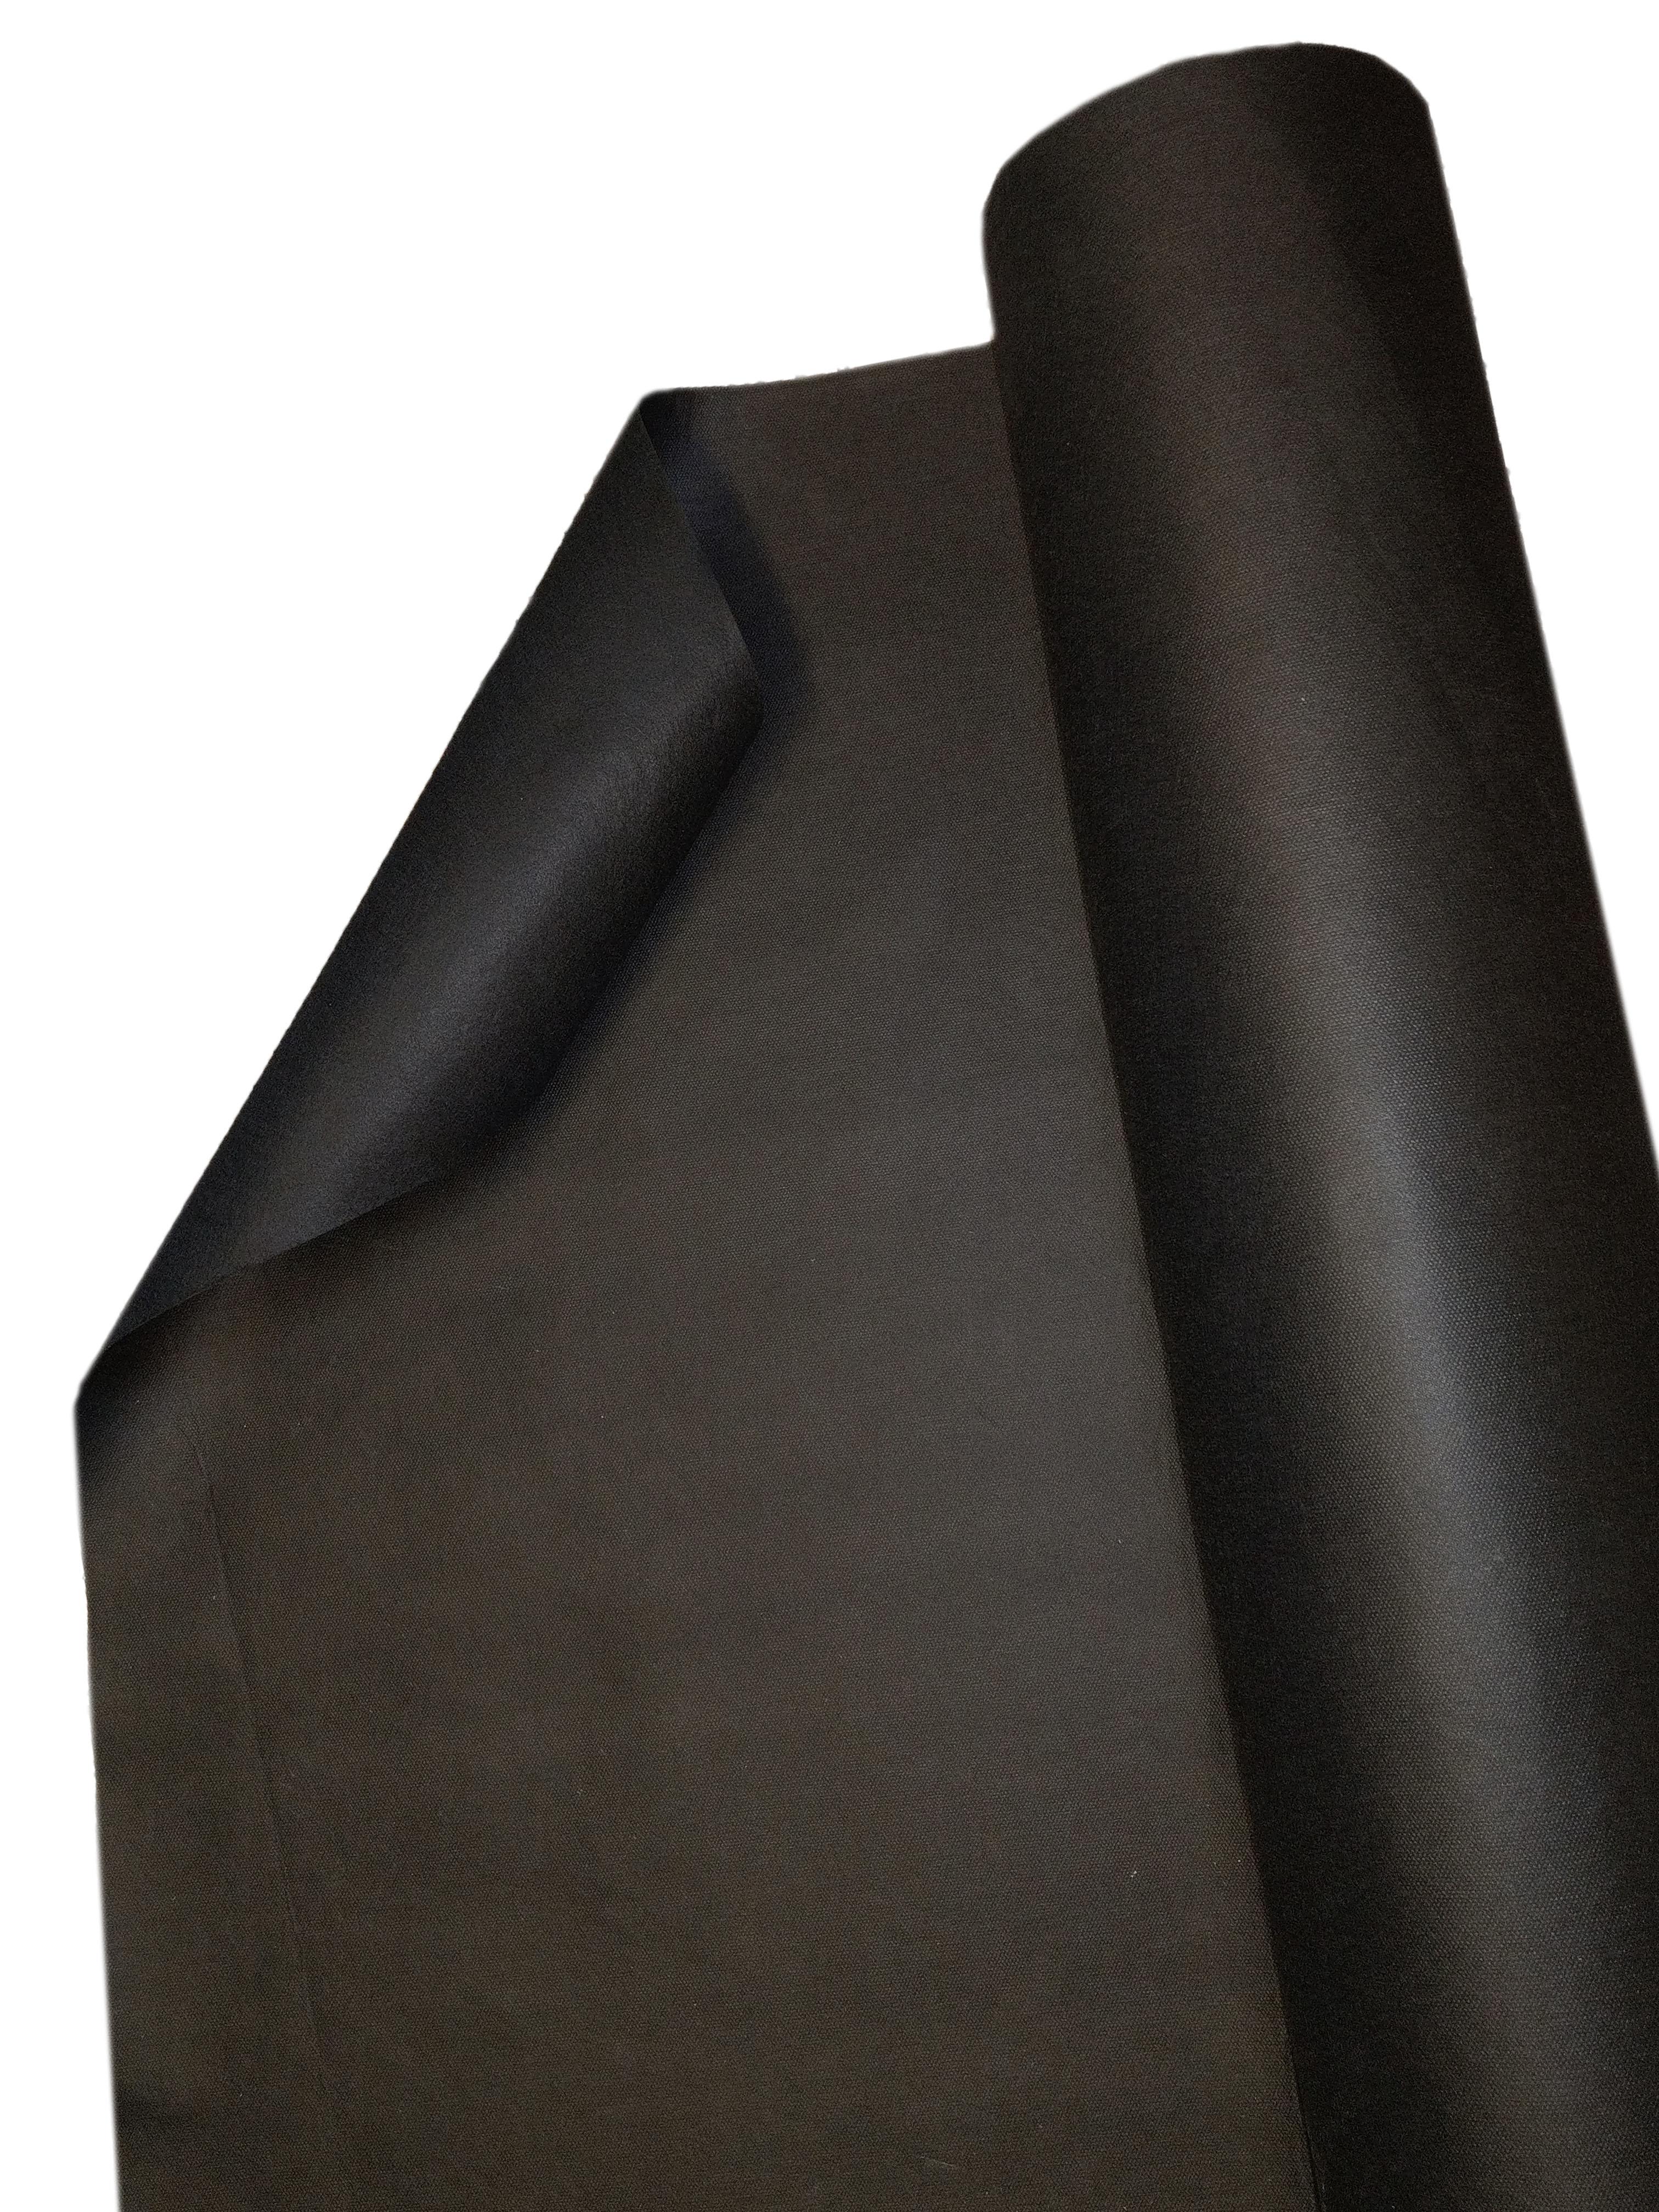 Reißfestes Unkrautvlies Unkraut Trennvlies UV-Stabilisierung 150g 100m x 0,5m